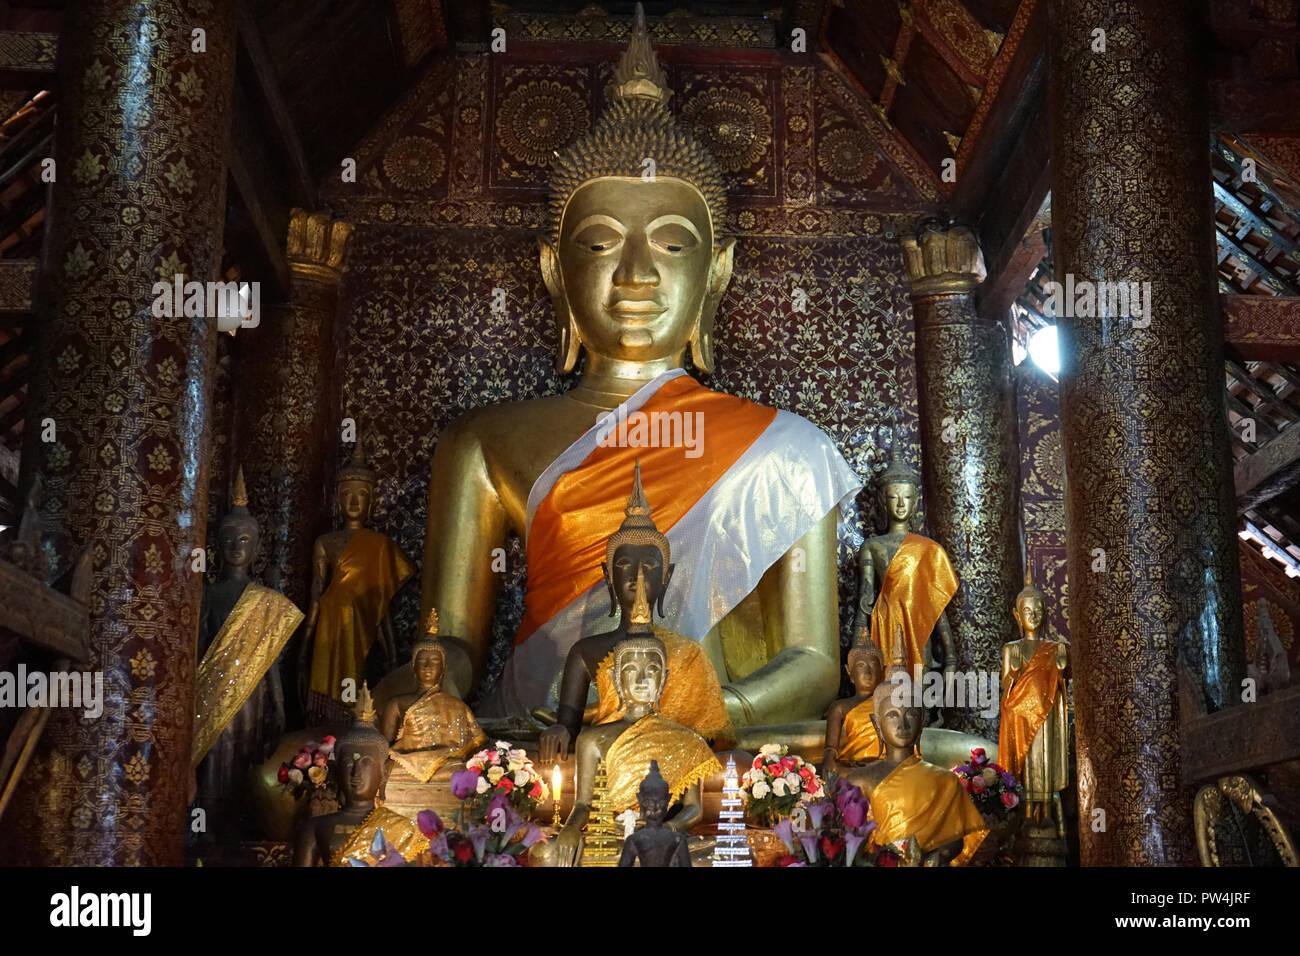 sitzende Buddha-Figur,  Sim, Vat Xienthong, Luang Prabang, Laos, Asien - Stock Image